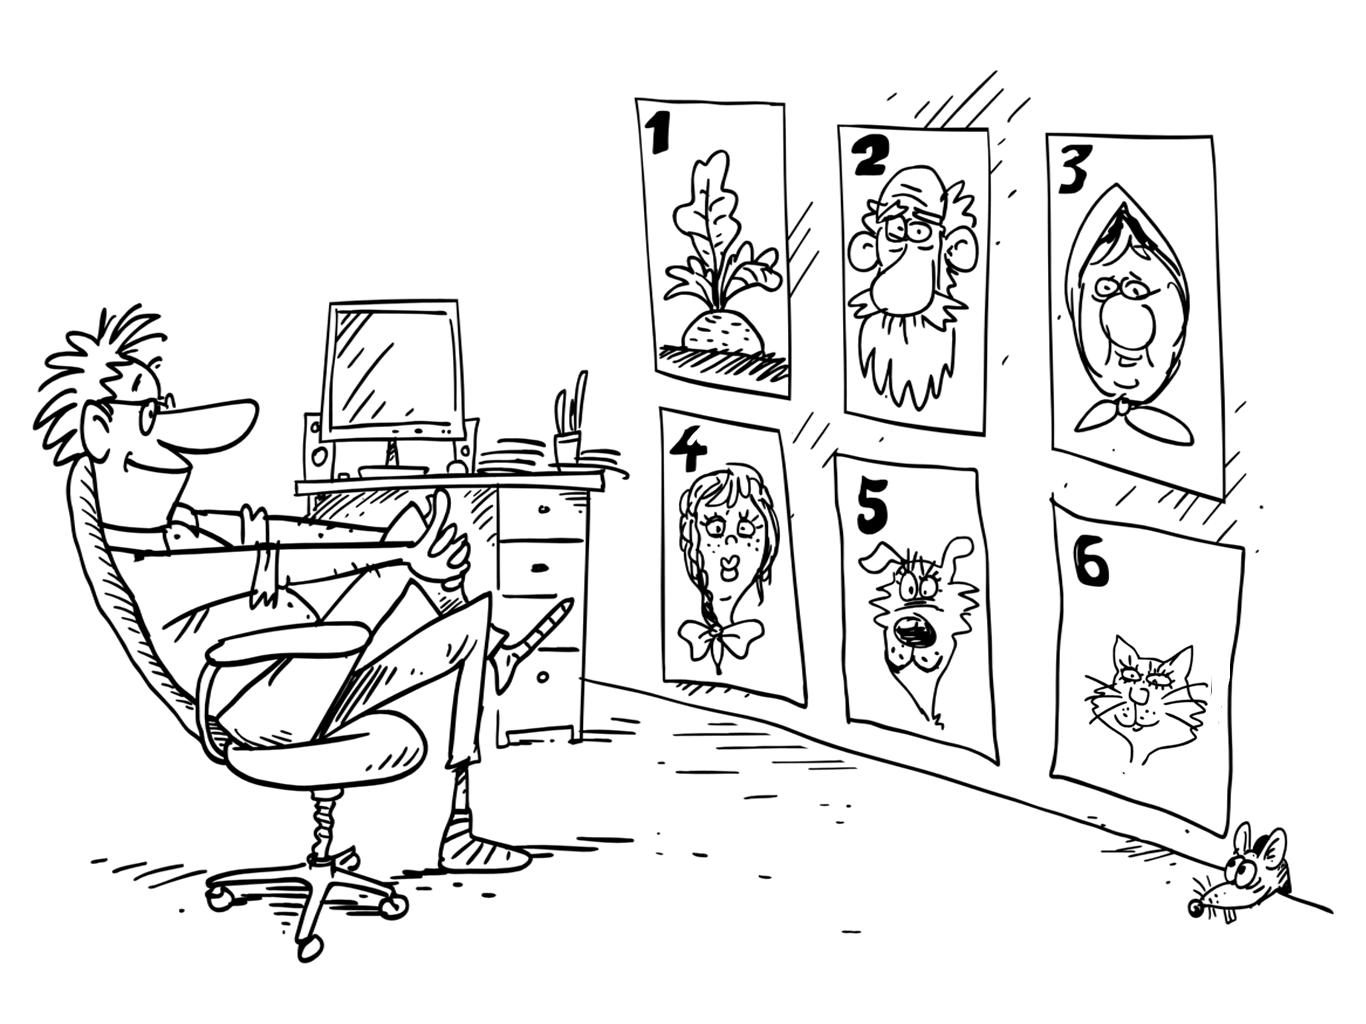 схема мультфильма